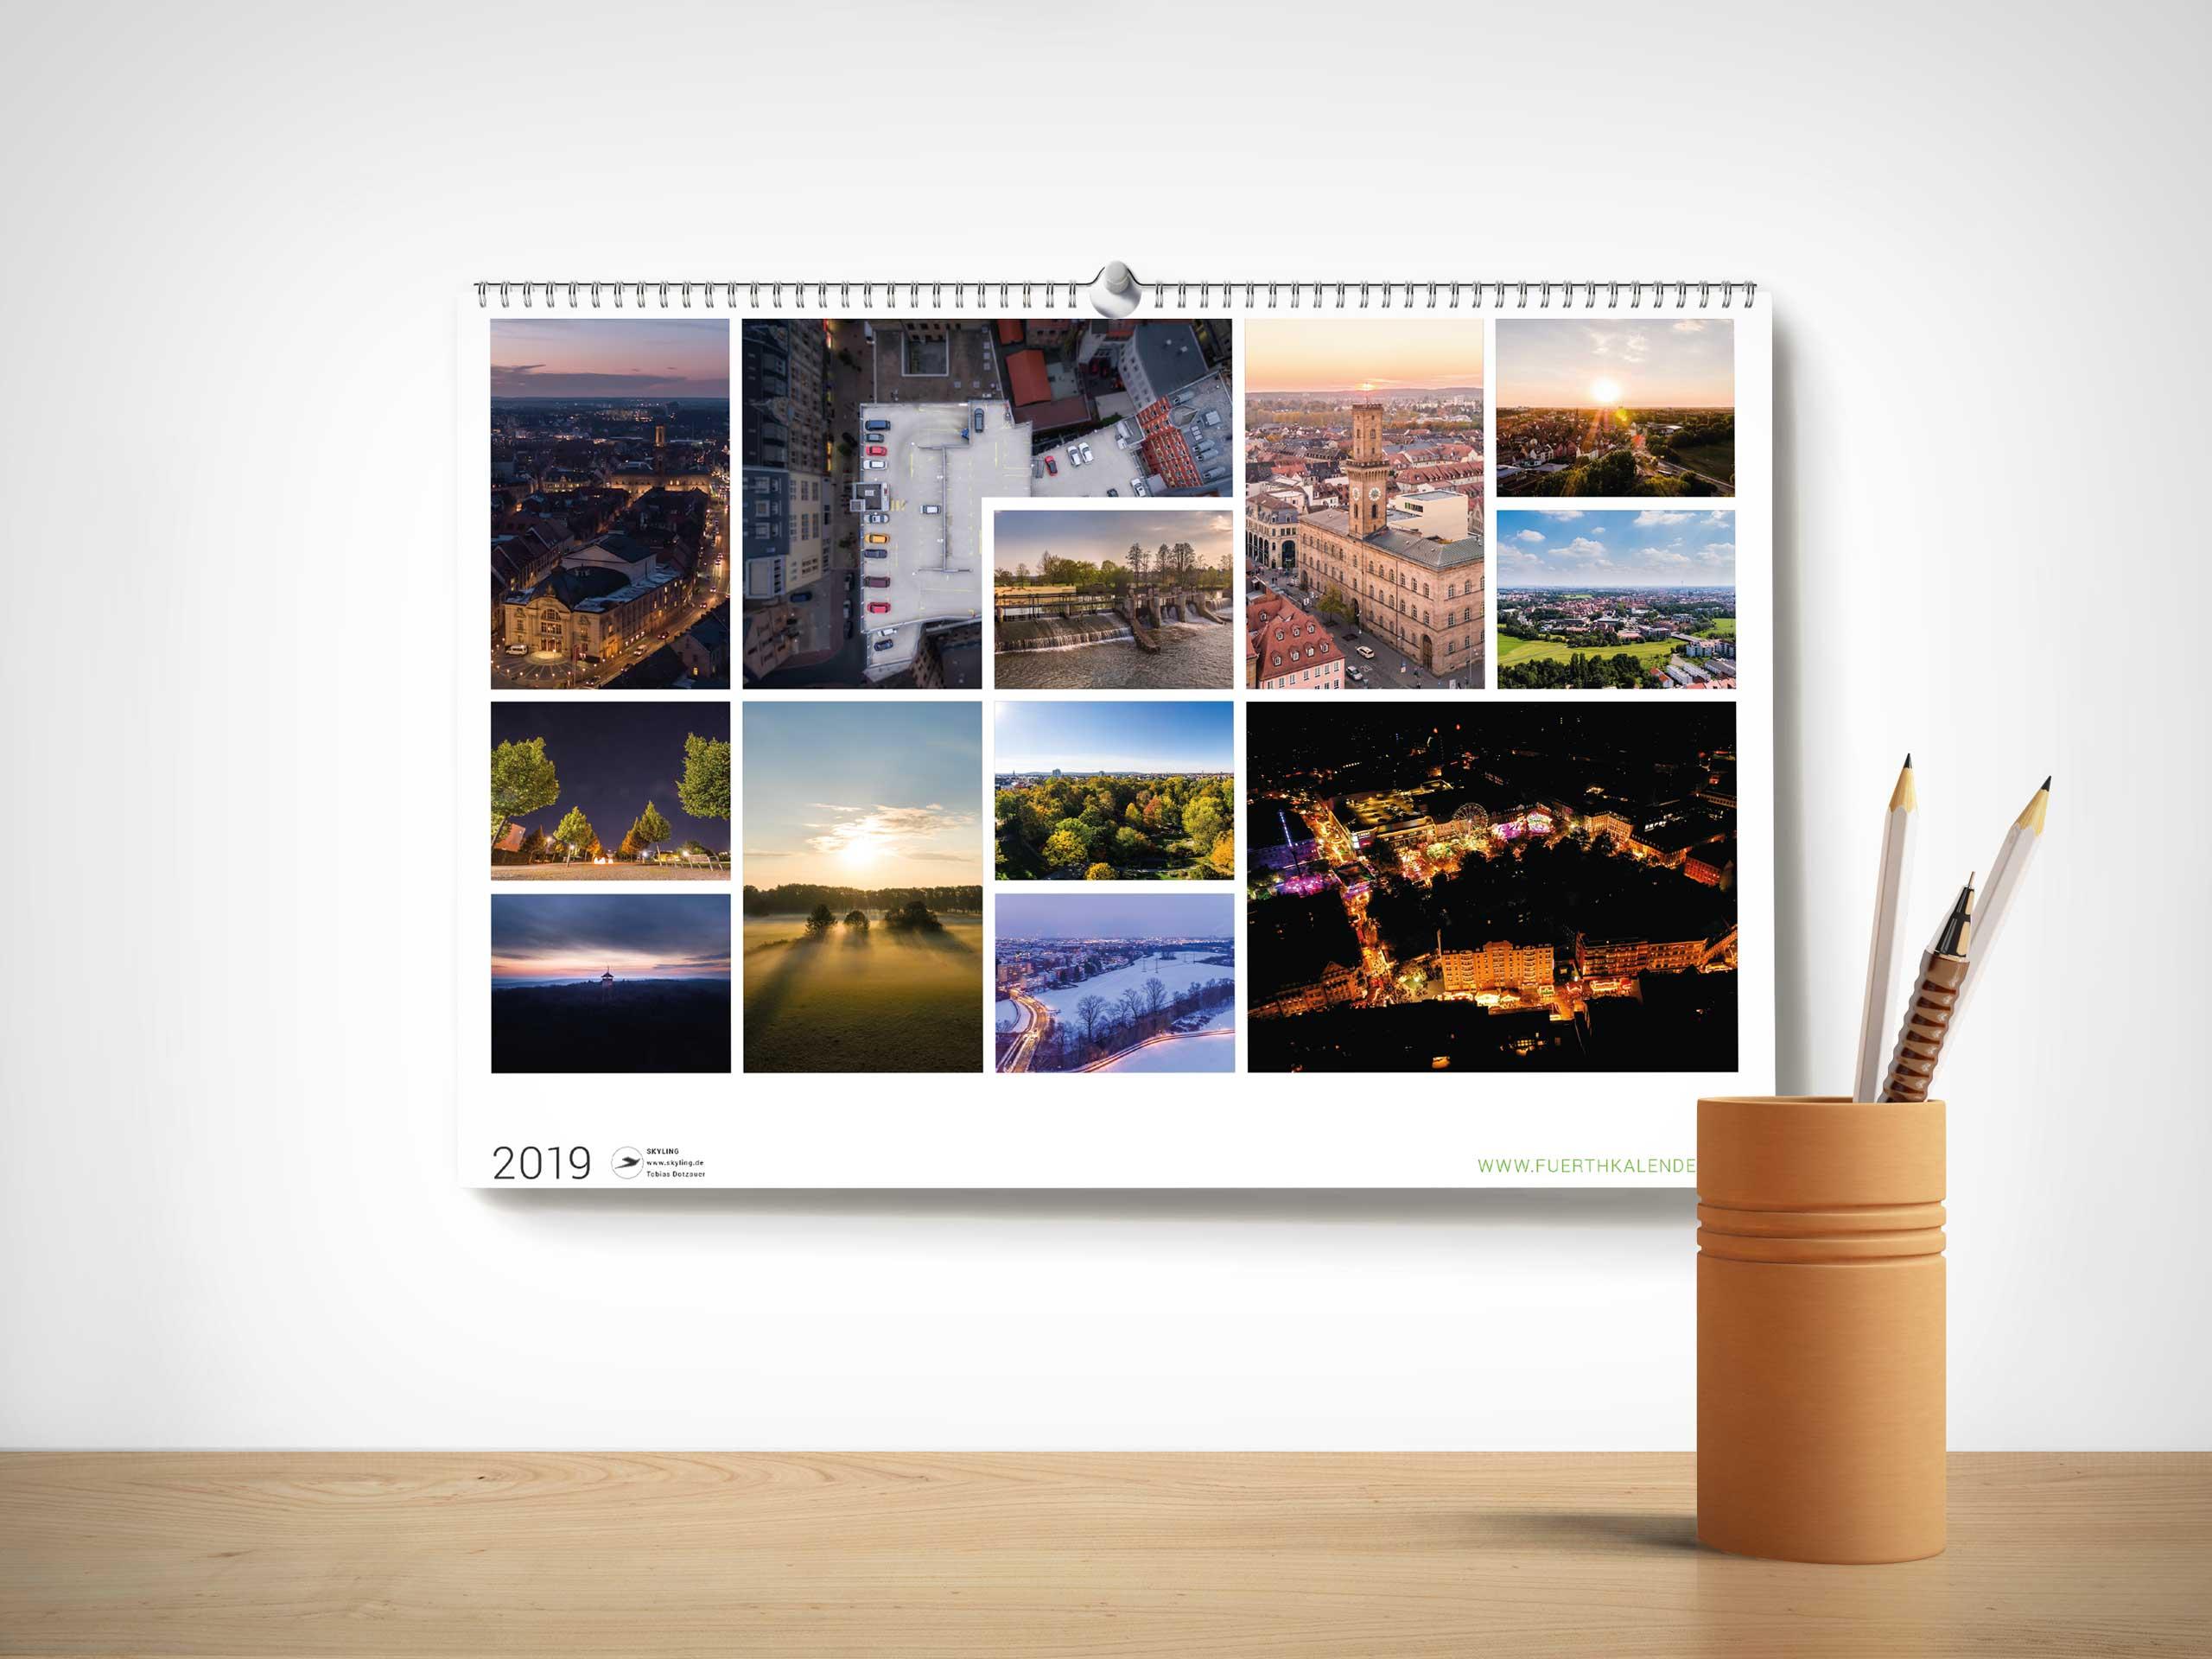 Fürth Kalender 2019 - Übersicht